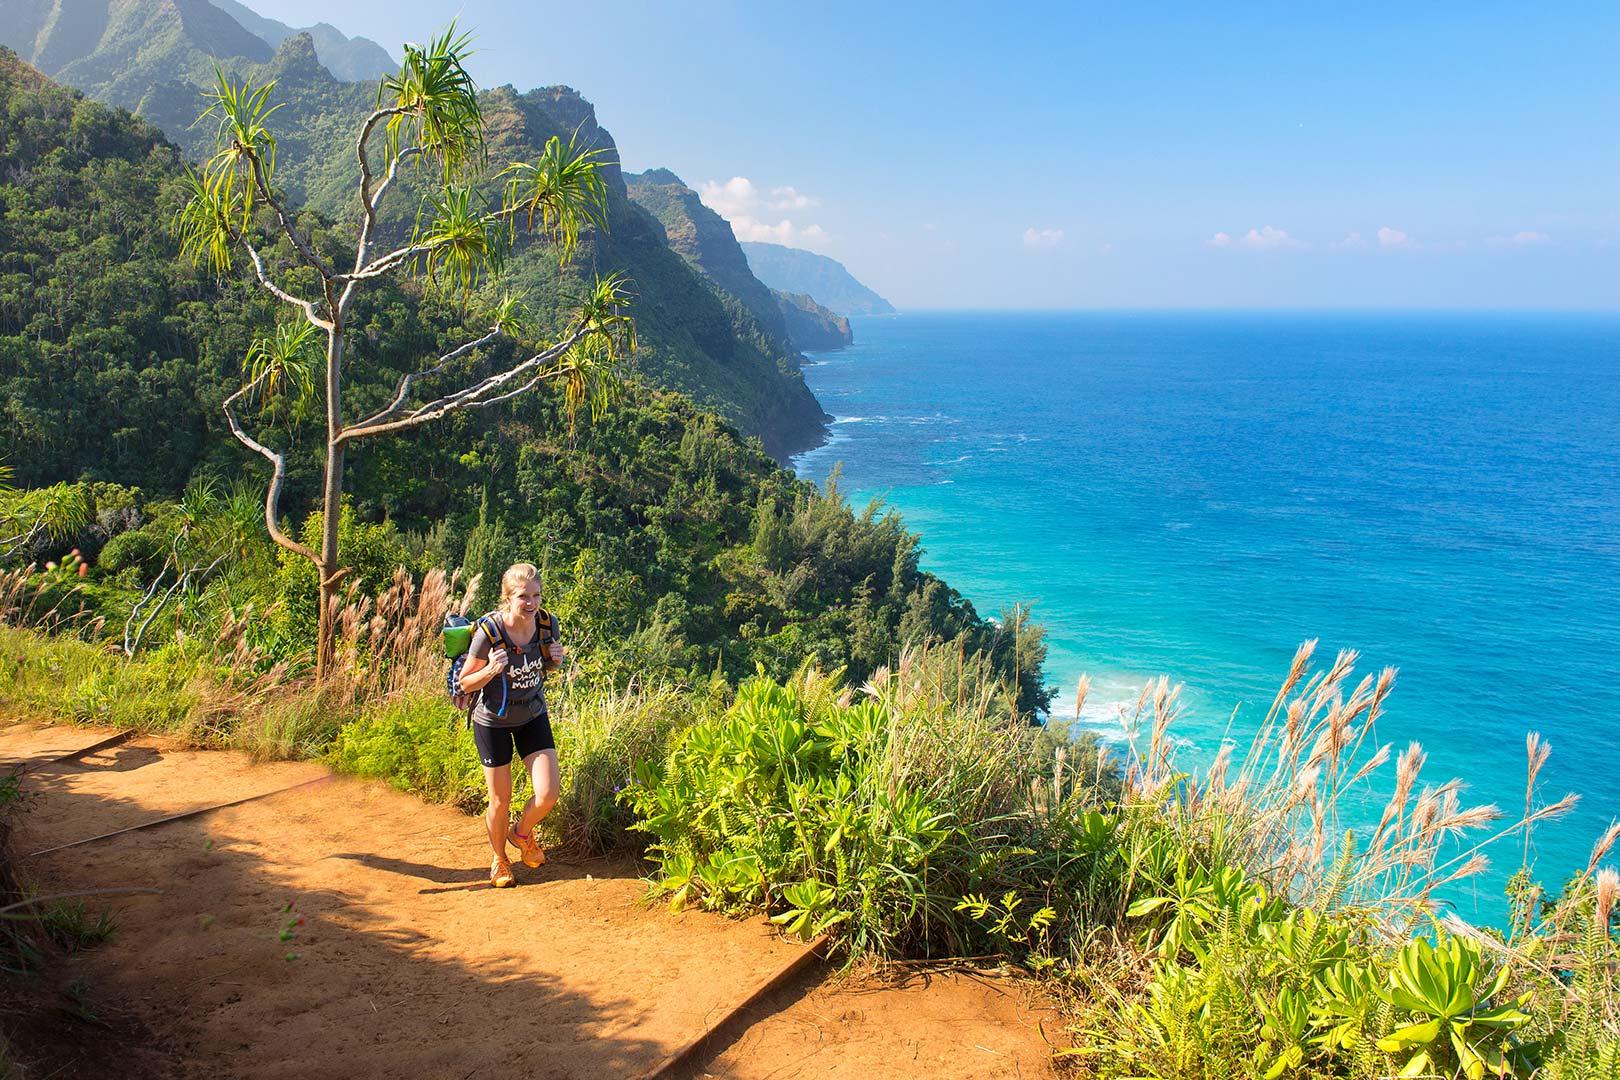 Picture of a woman hiking Kalalau Trail on the Na Pali Coast, Kauai, Hawaii